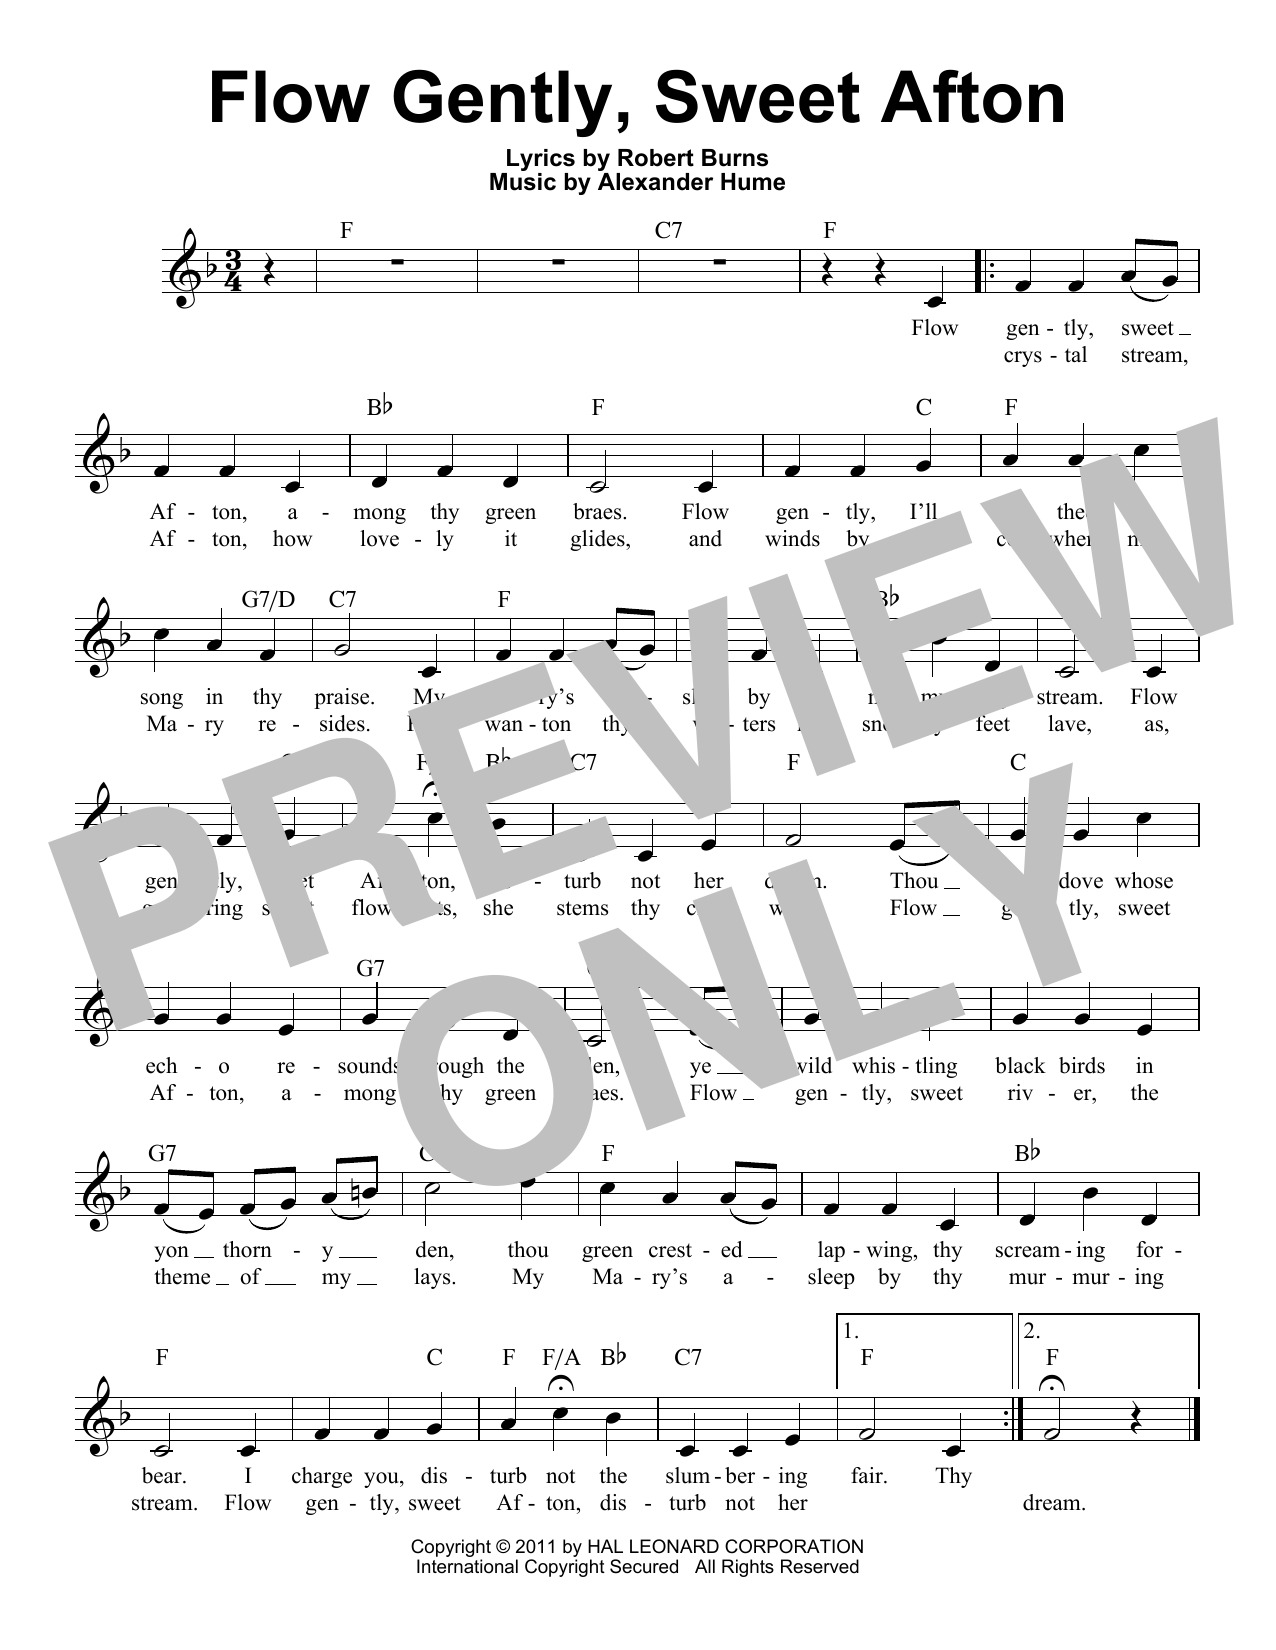 Flow Gently, Sweet Afton Sheet Music